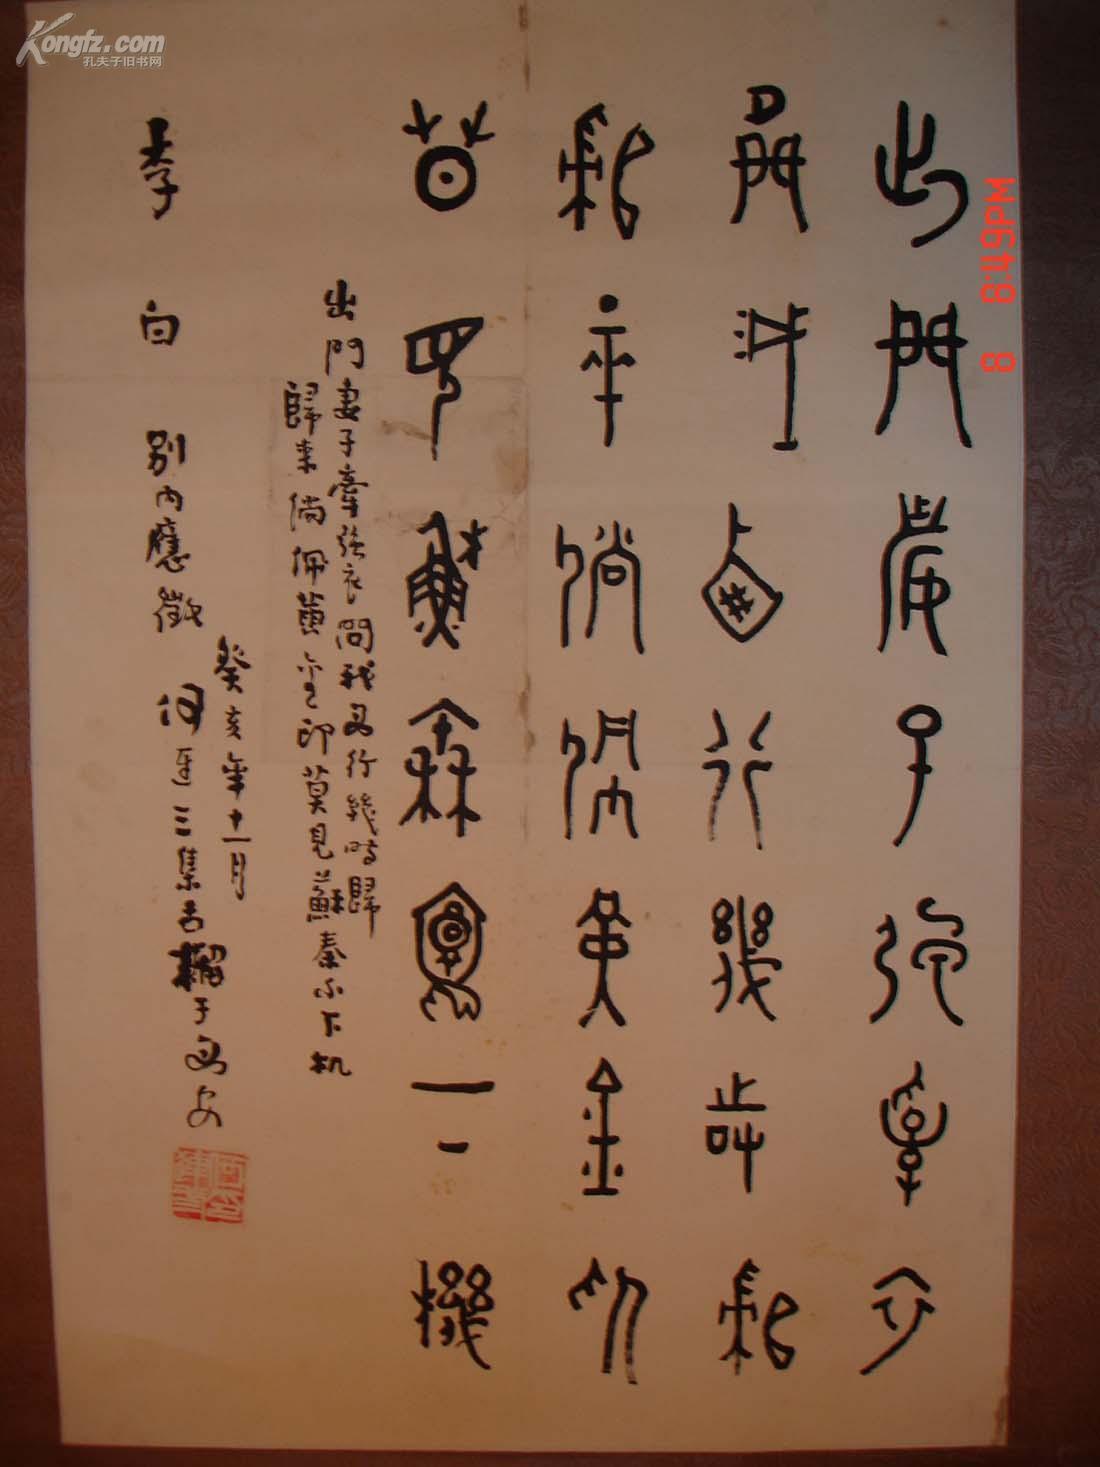 陕西著名书法家何连三篆字中堂一幅,保真,其篆书少见